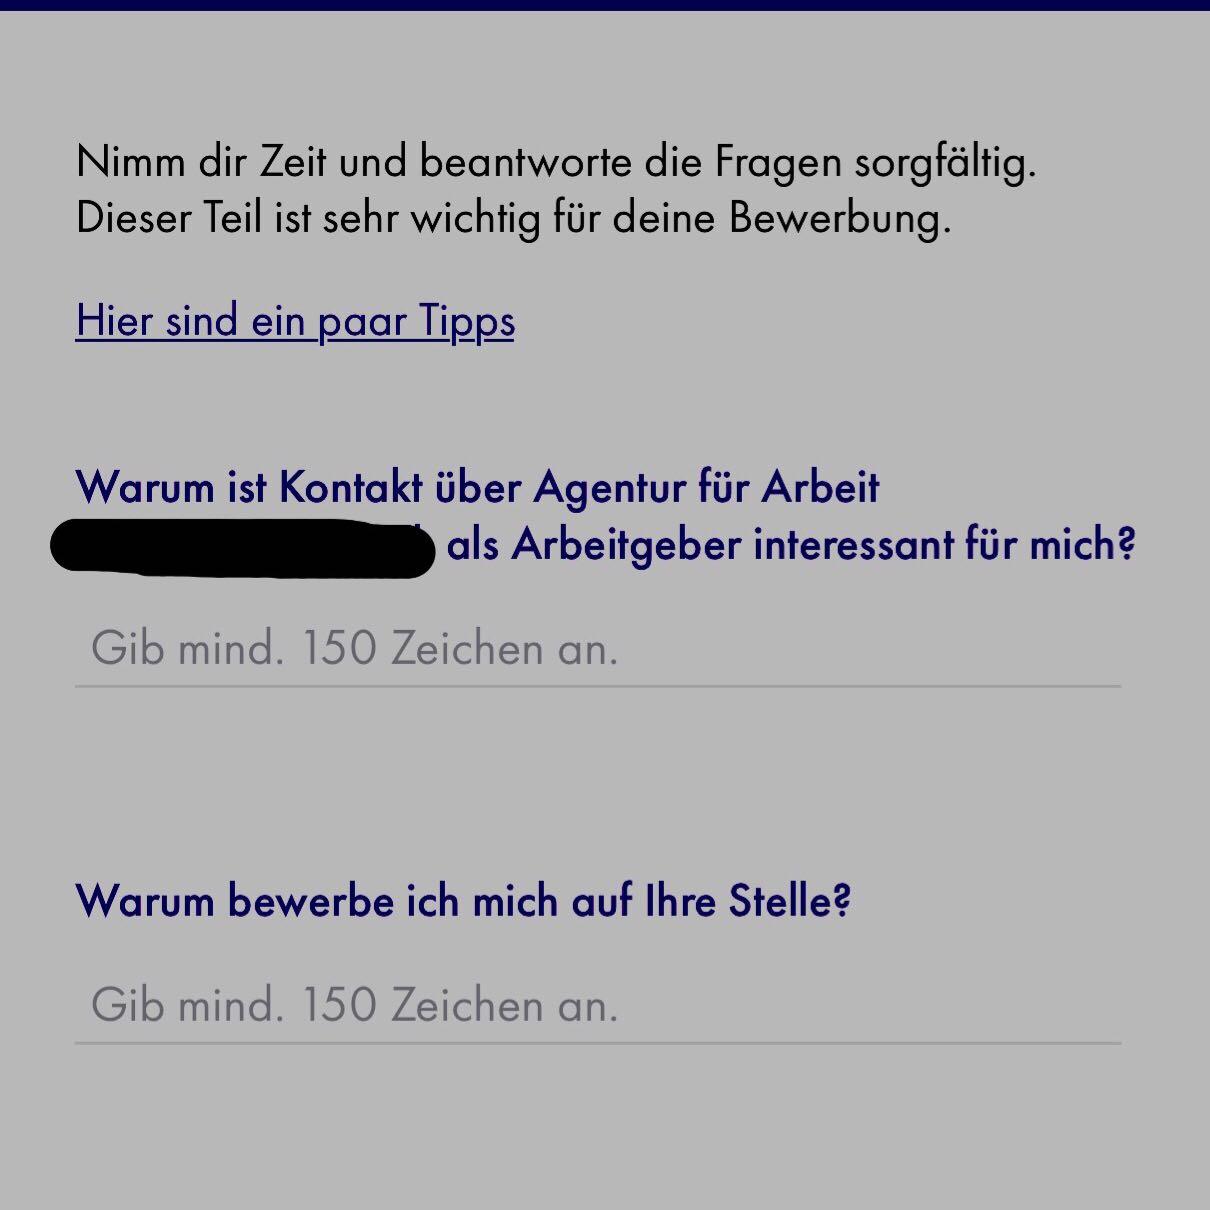 Niedlich Tippe Meinen Eigenen Lebenslauf Bilder - Entry Level Resume ...